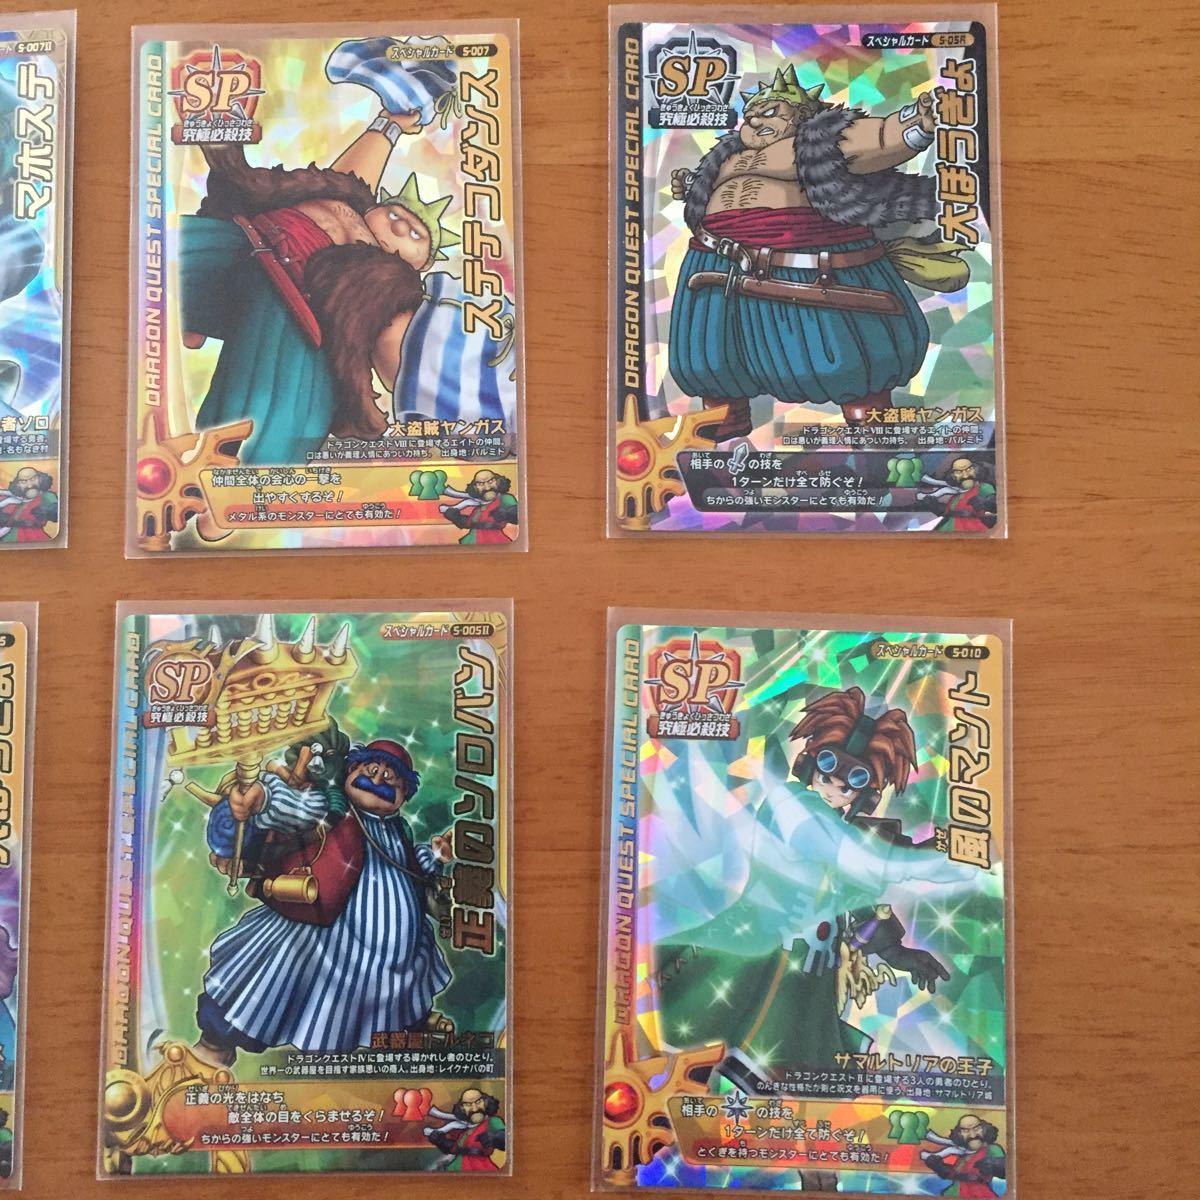 ドラゴンクエスト モンスター バトルロード SPカード など 16枚セット 500円_画像3